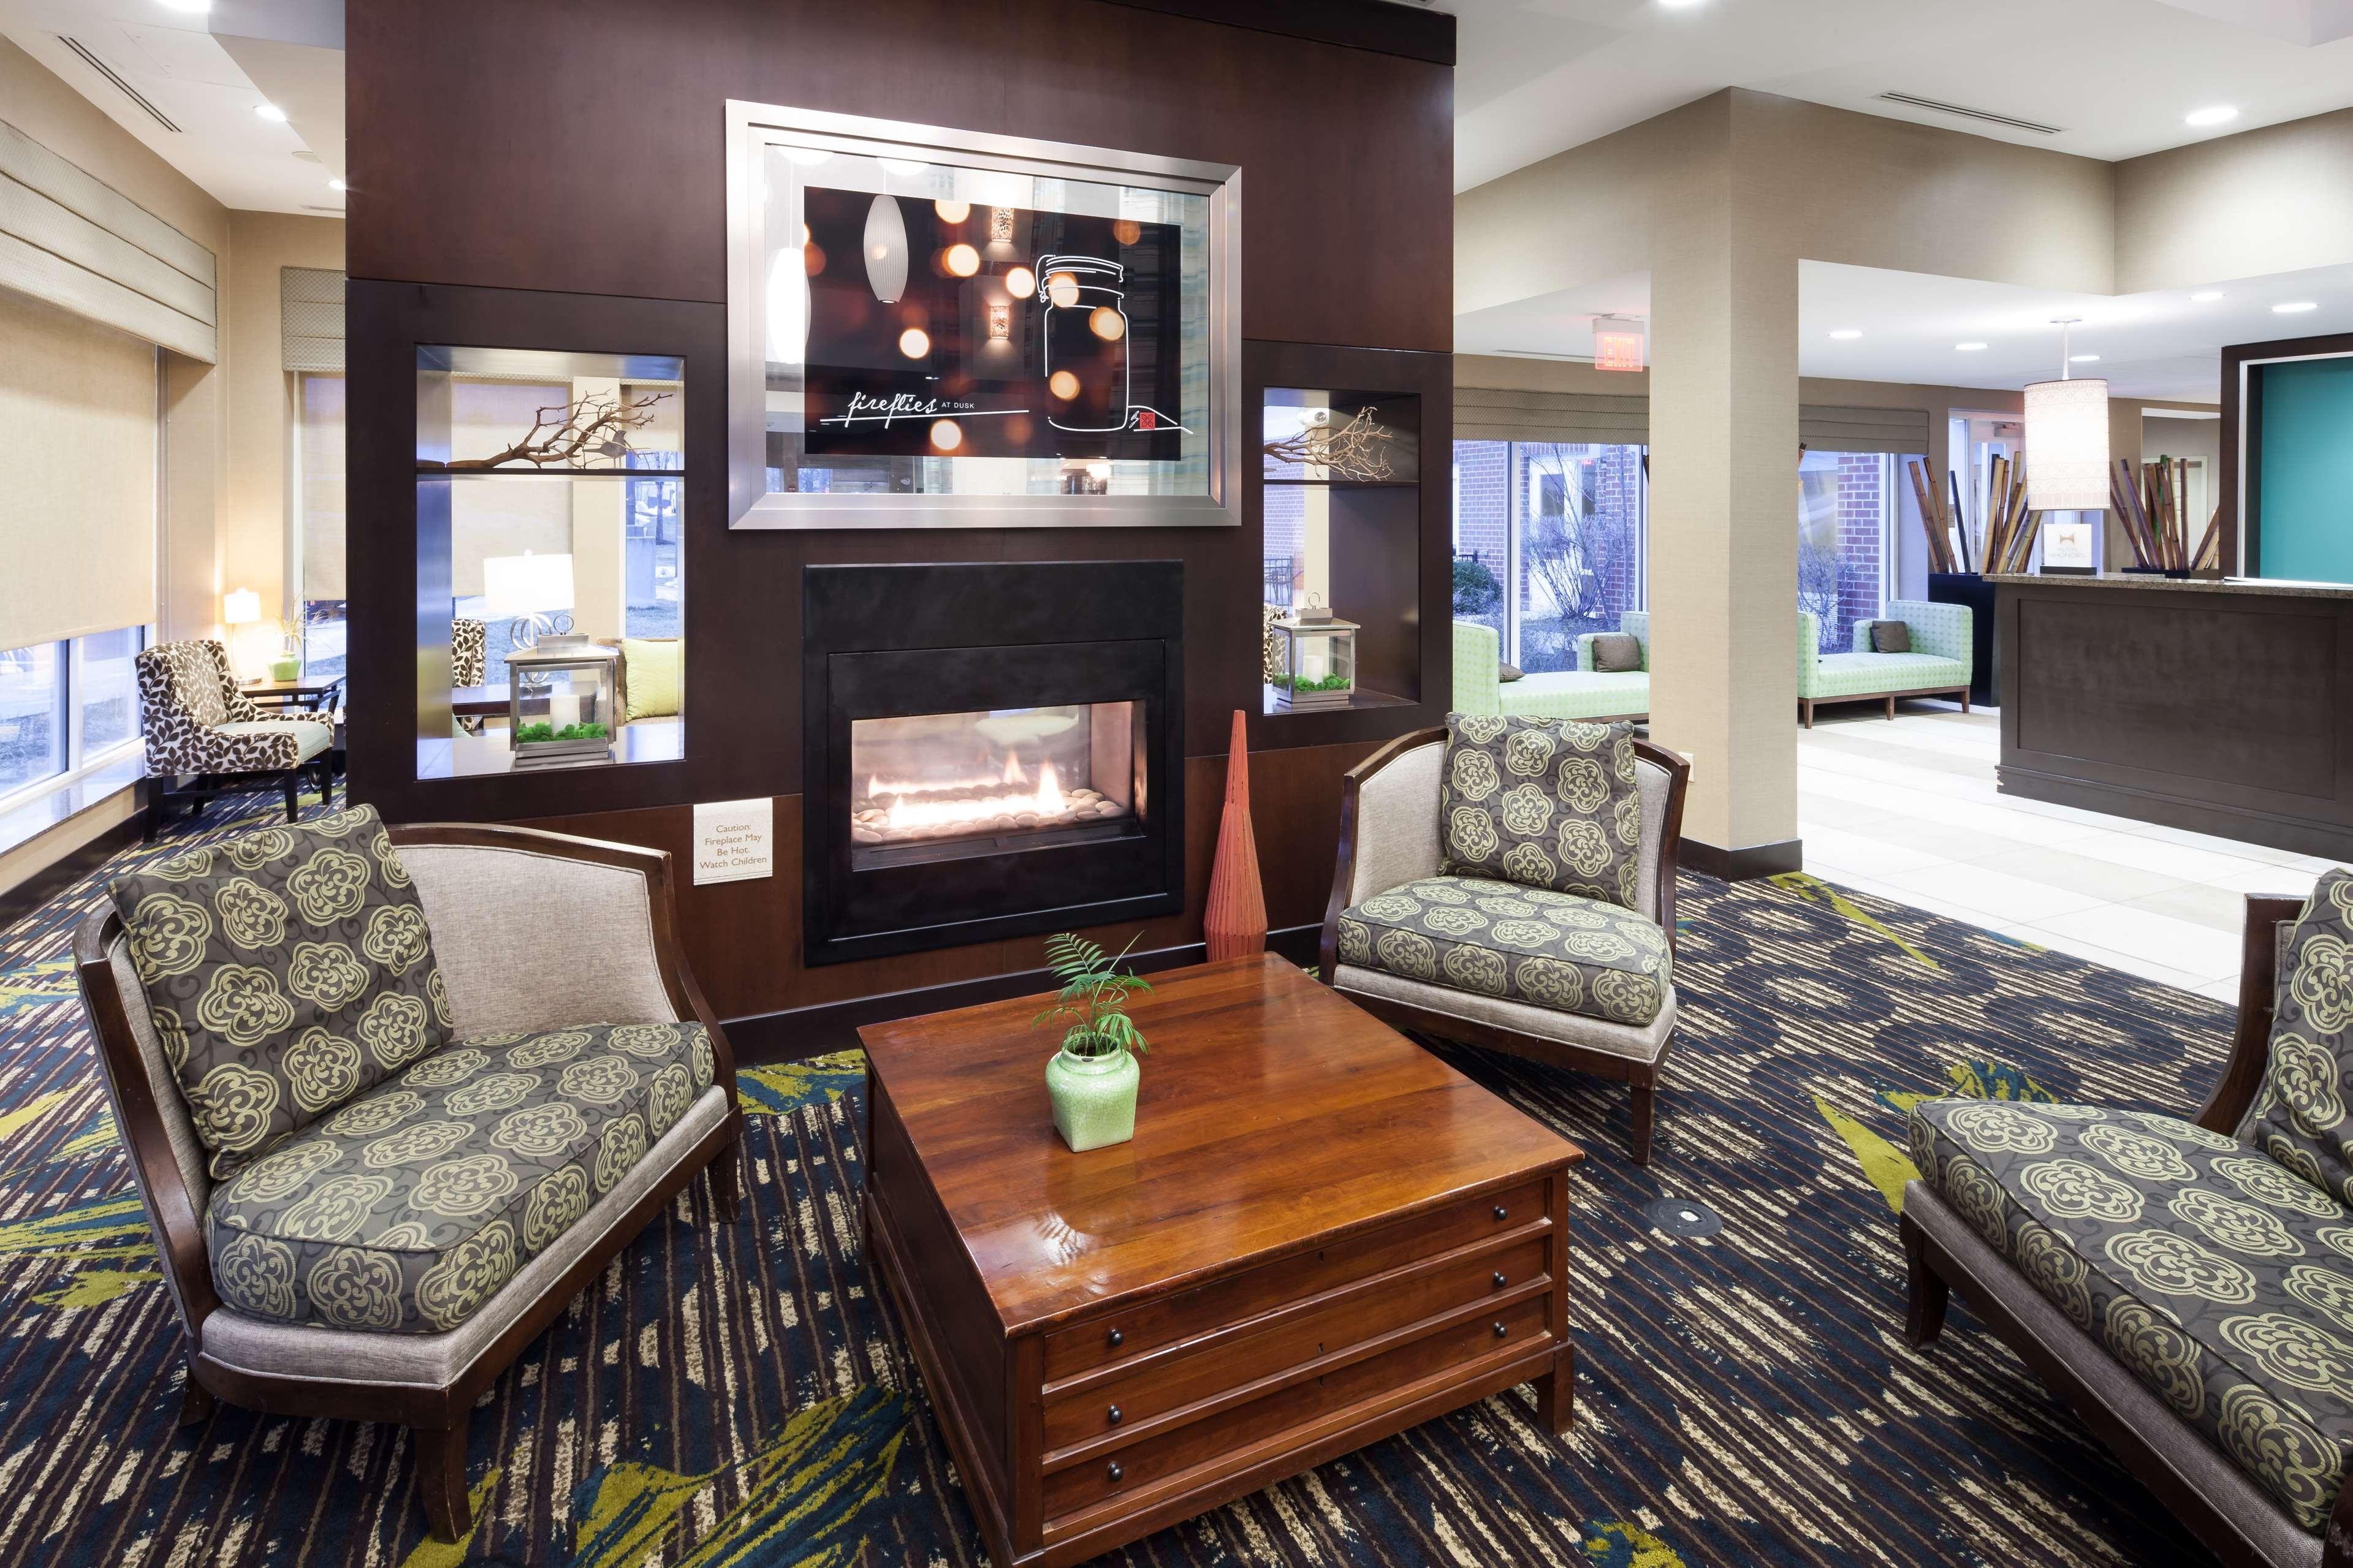 Hilton Garden Inn Silver Spring North image 4